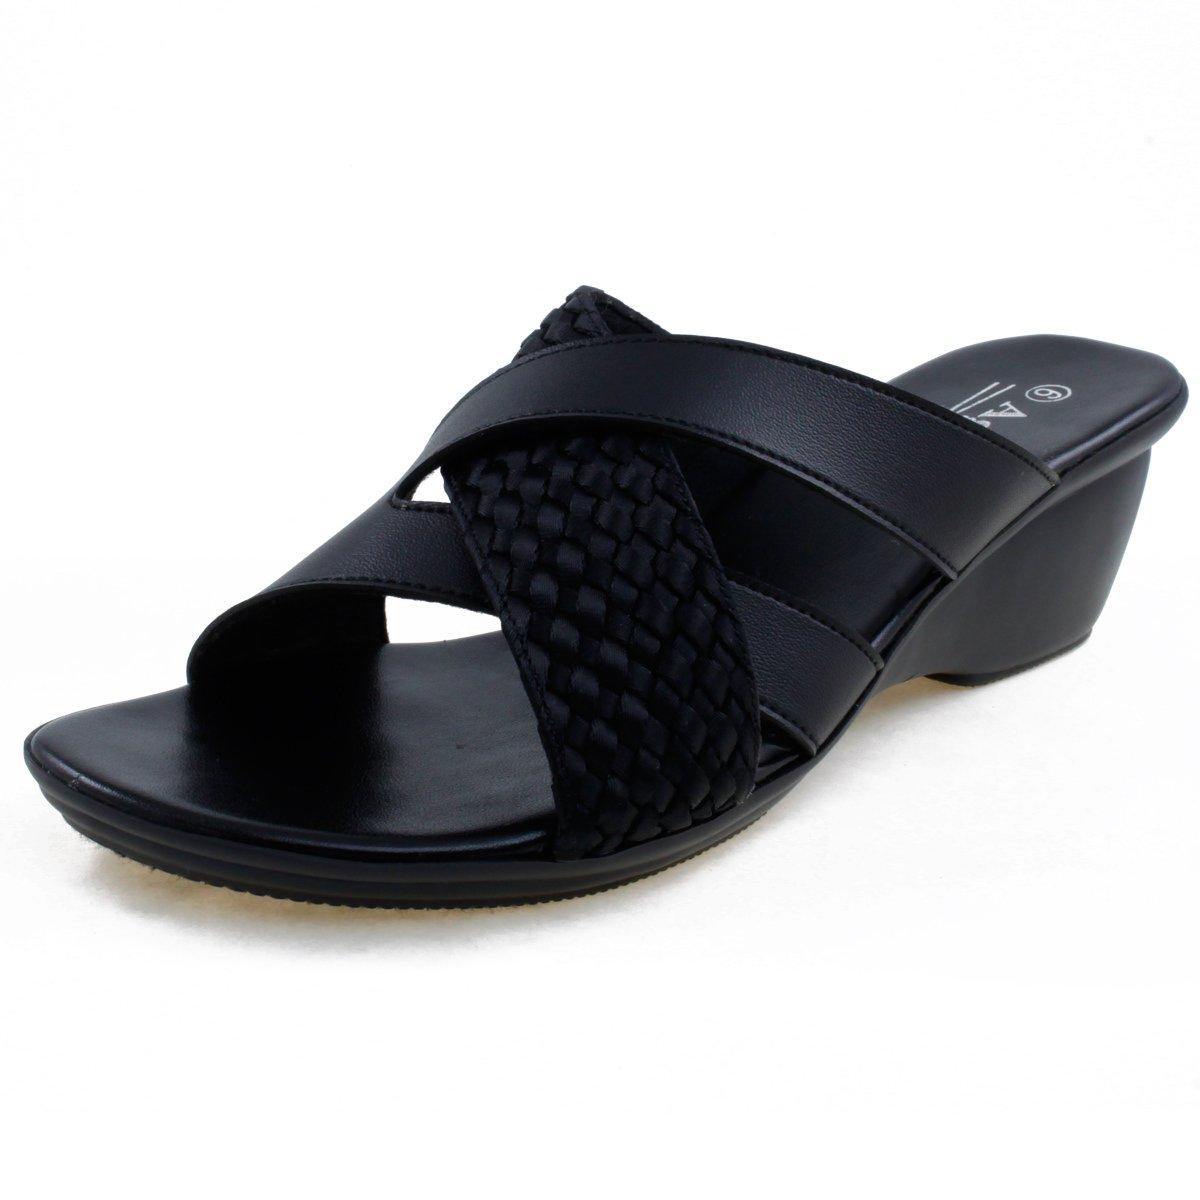 Agape HOLDING-46 Lightweight Crisscross Wedge Sandal Black 8.5